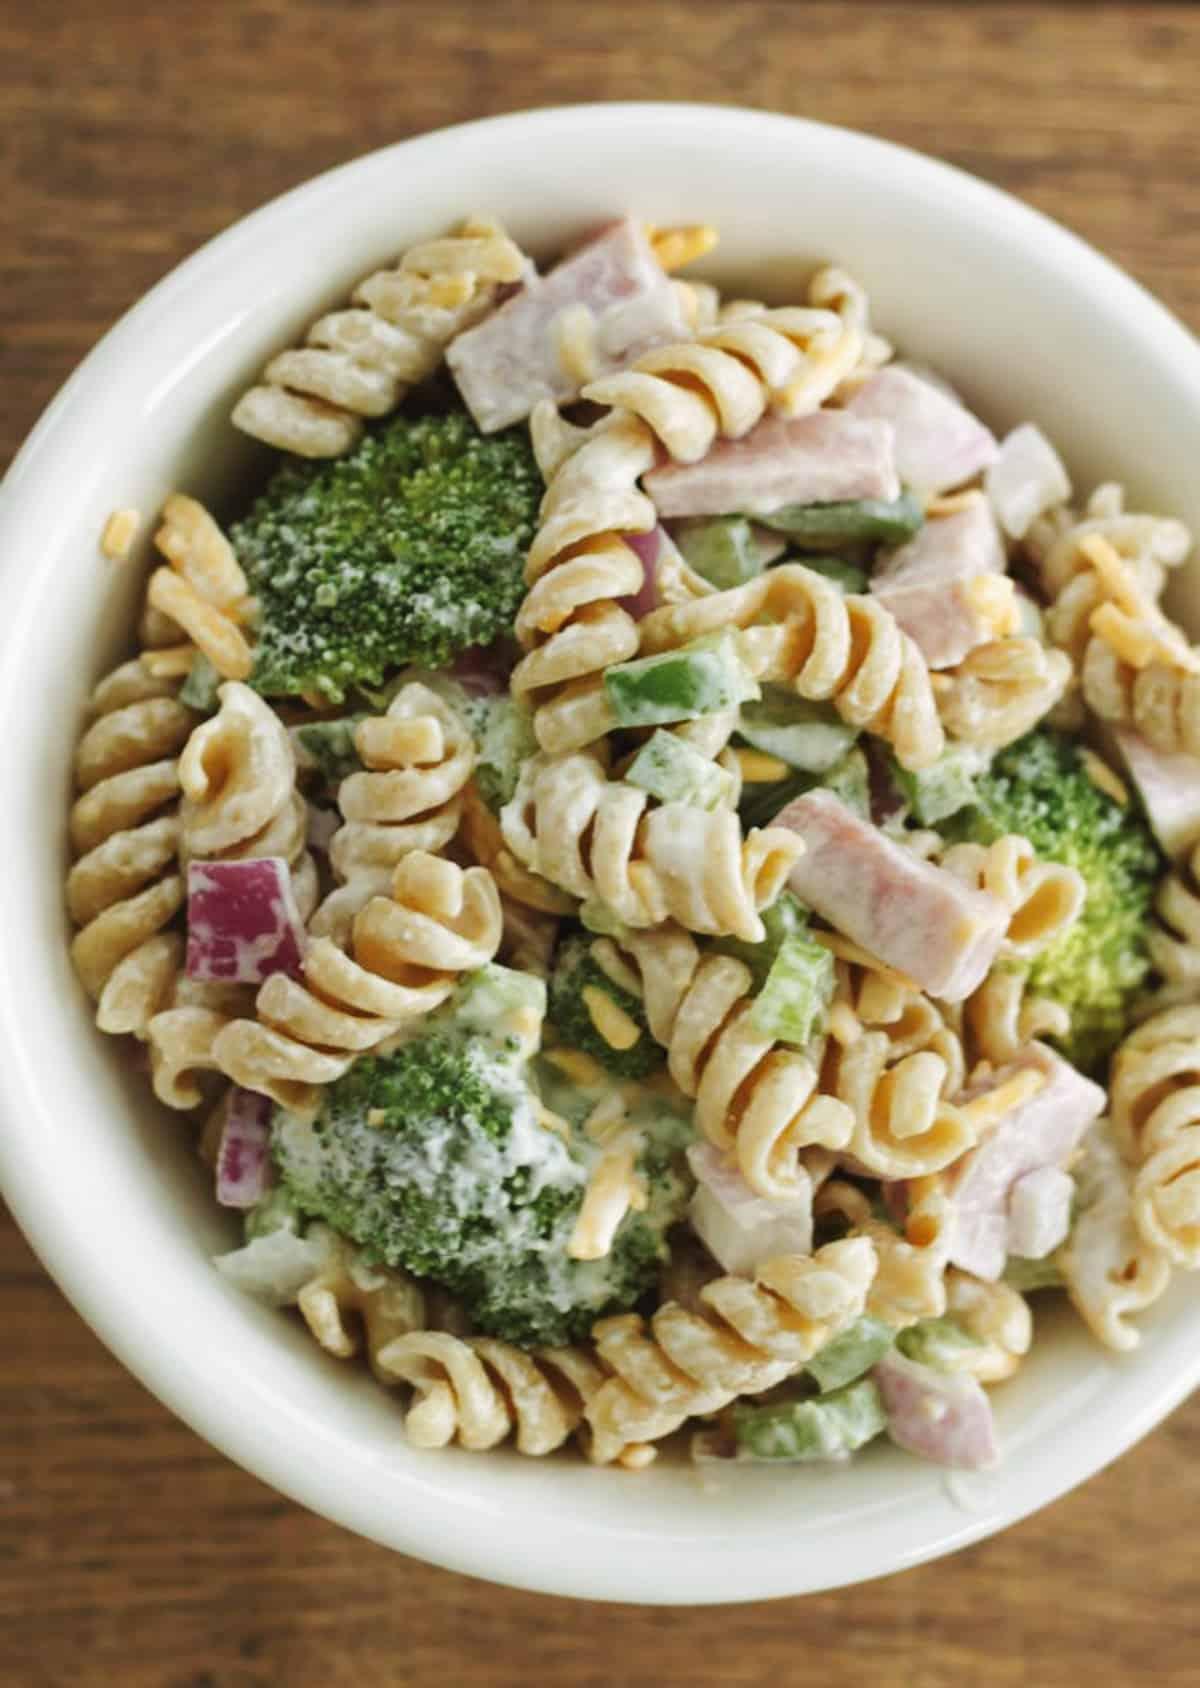 White bowl with pasta salad including broccoli, ham, fusilli pasta, purple onion, cheddar cheese.